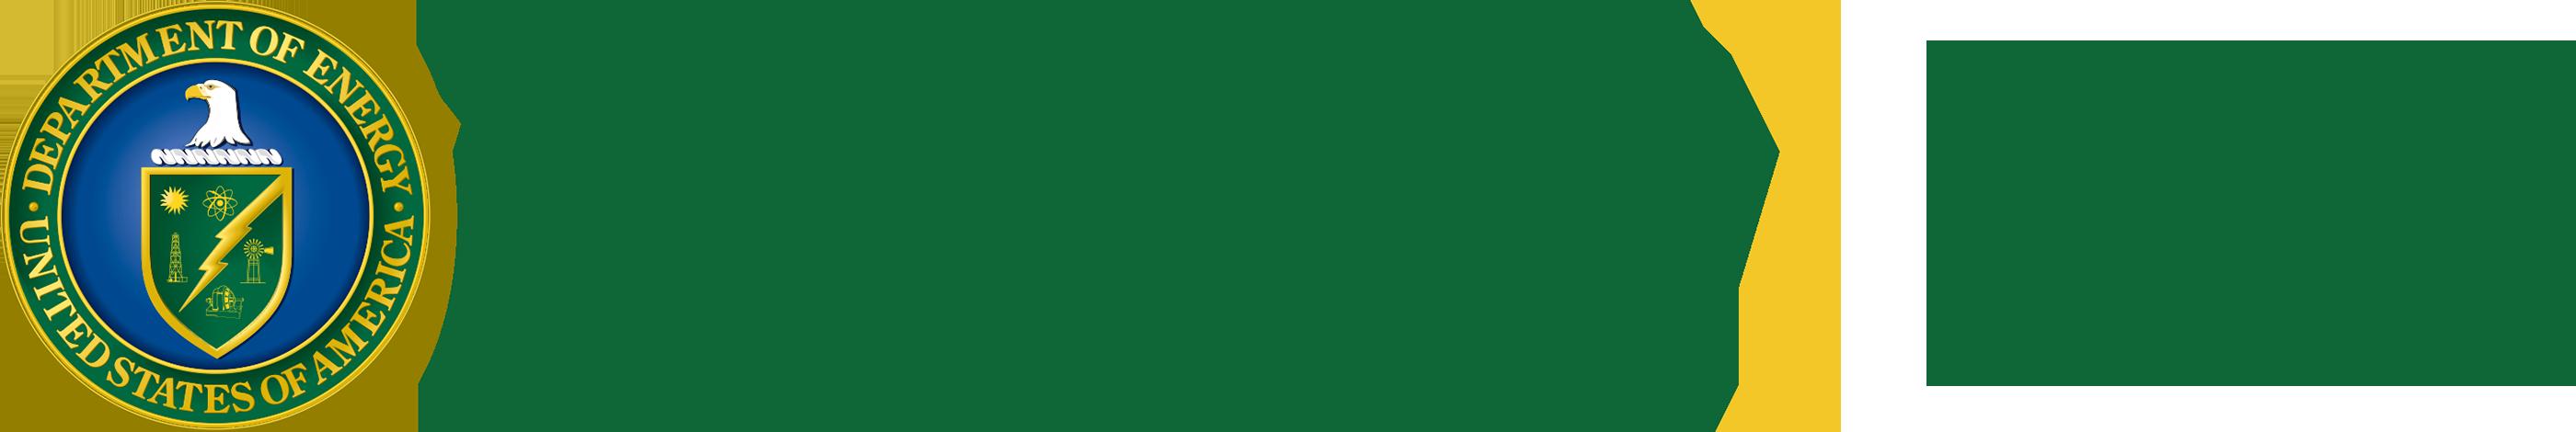 DOE Office of Science logo